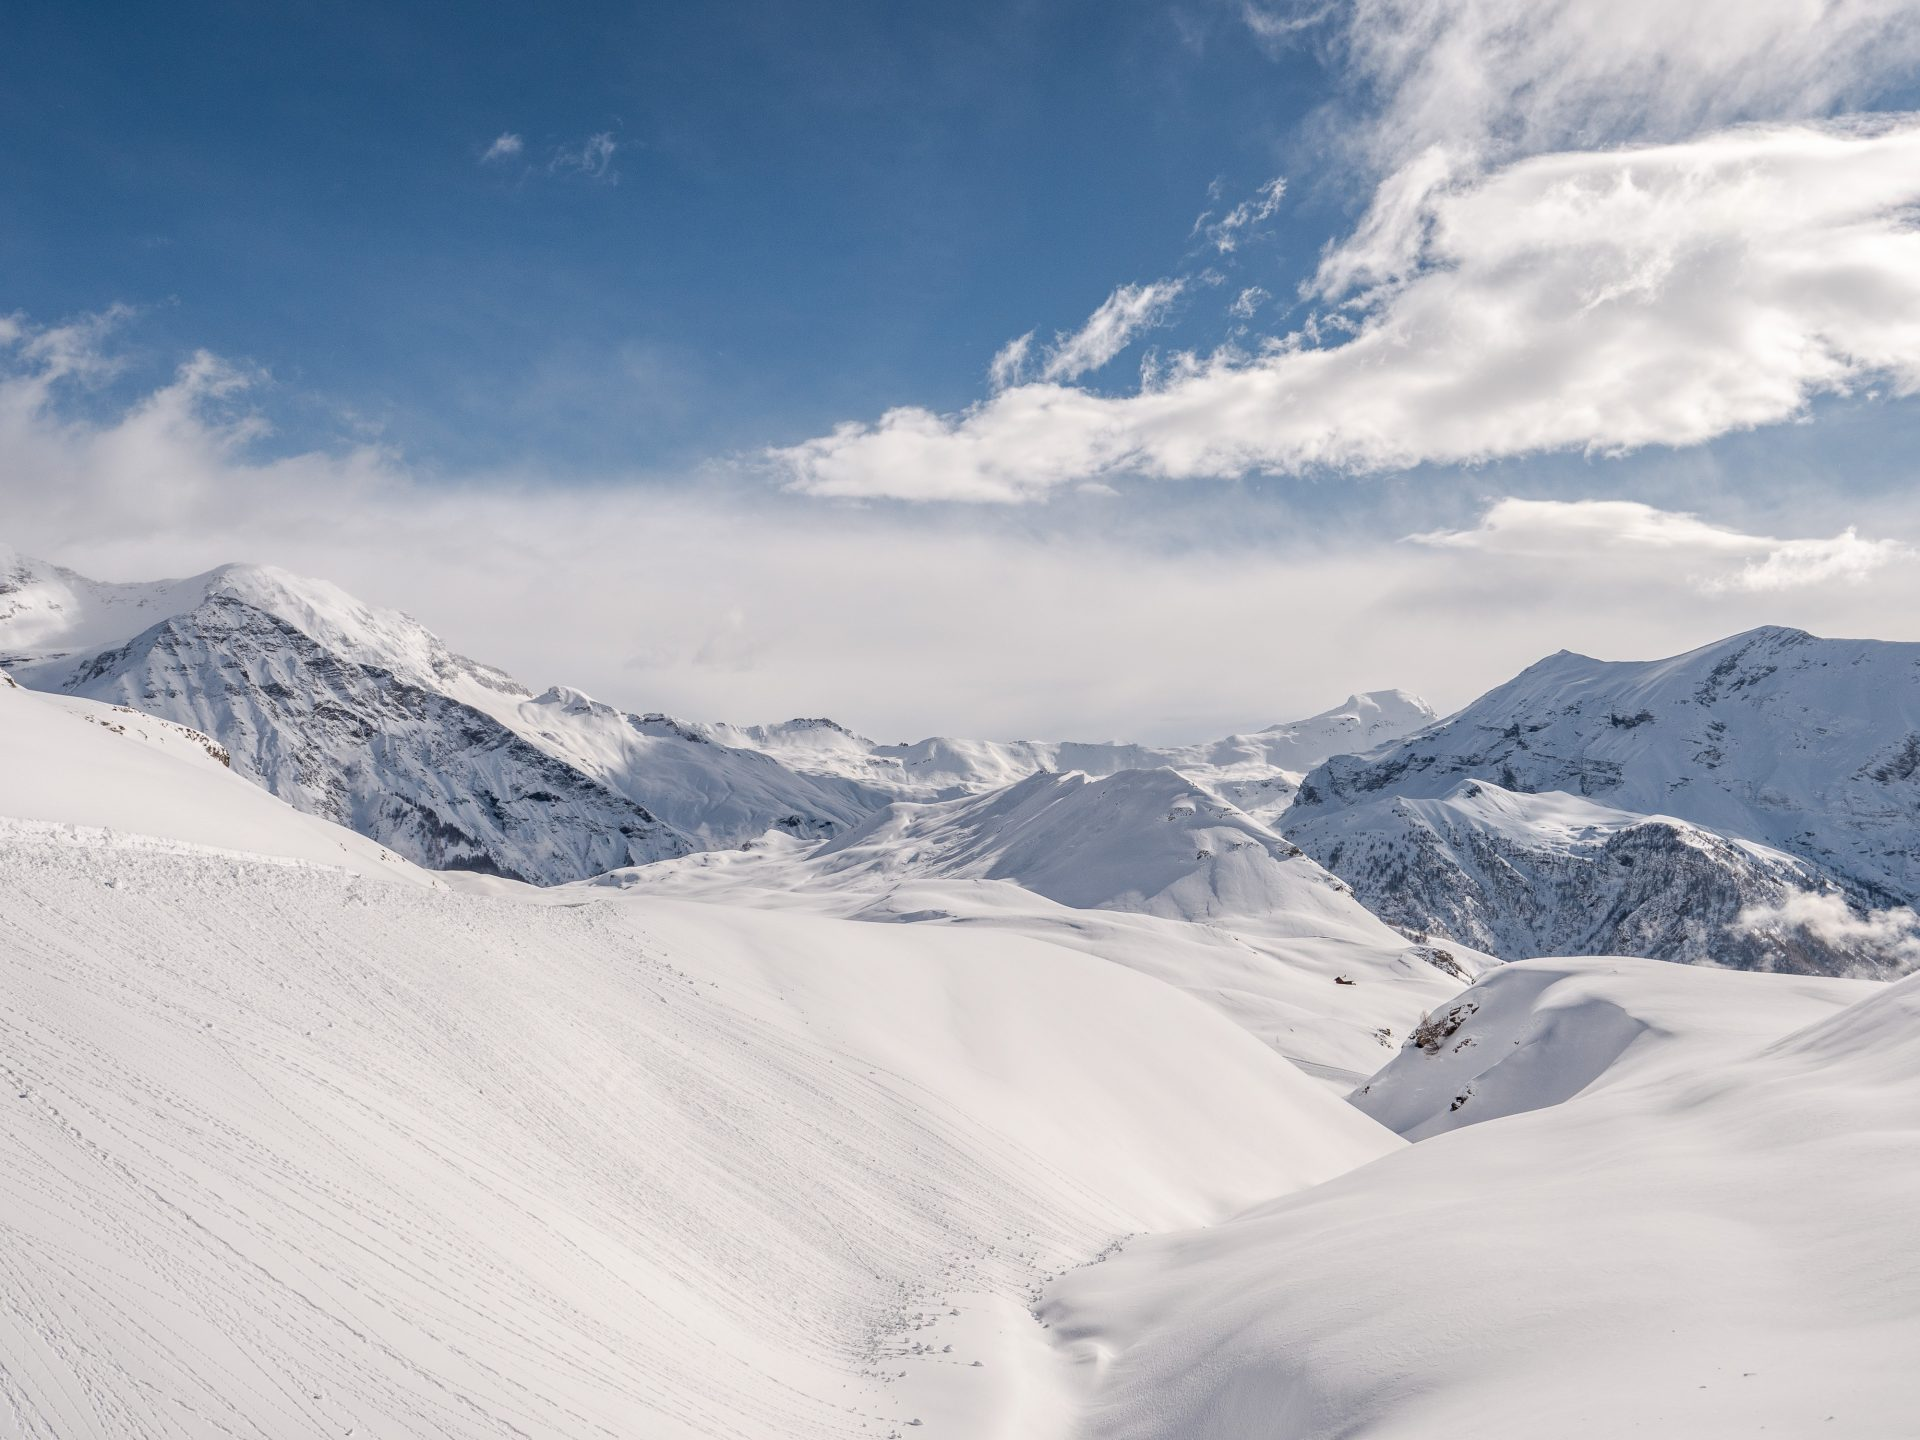 Orcières merlette 1850 - sation de ski des Hautes Alpes